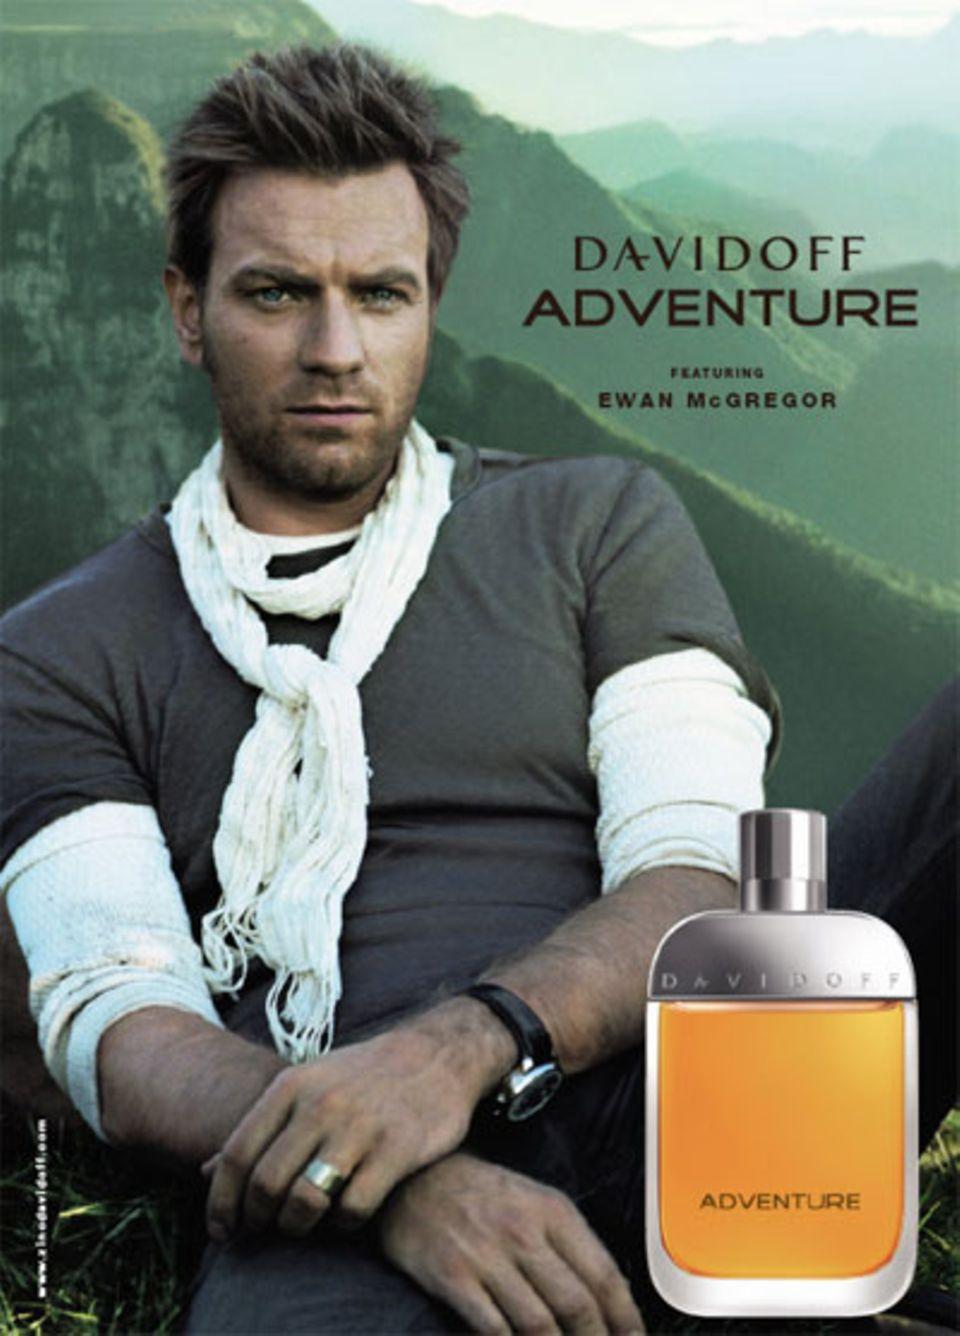 Anzeigenmotiv Ewan McGregor für Davidoff